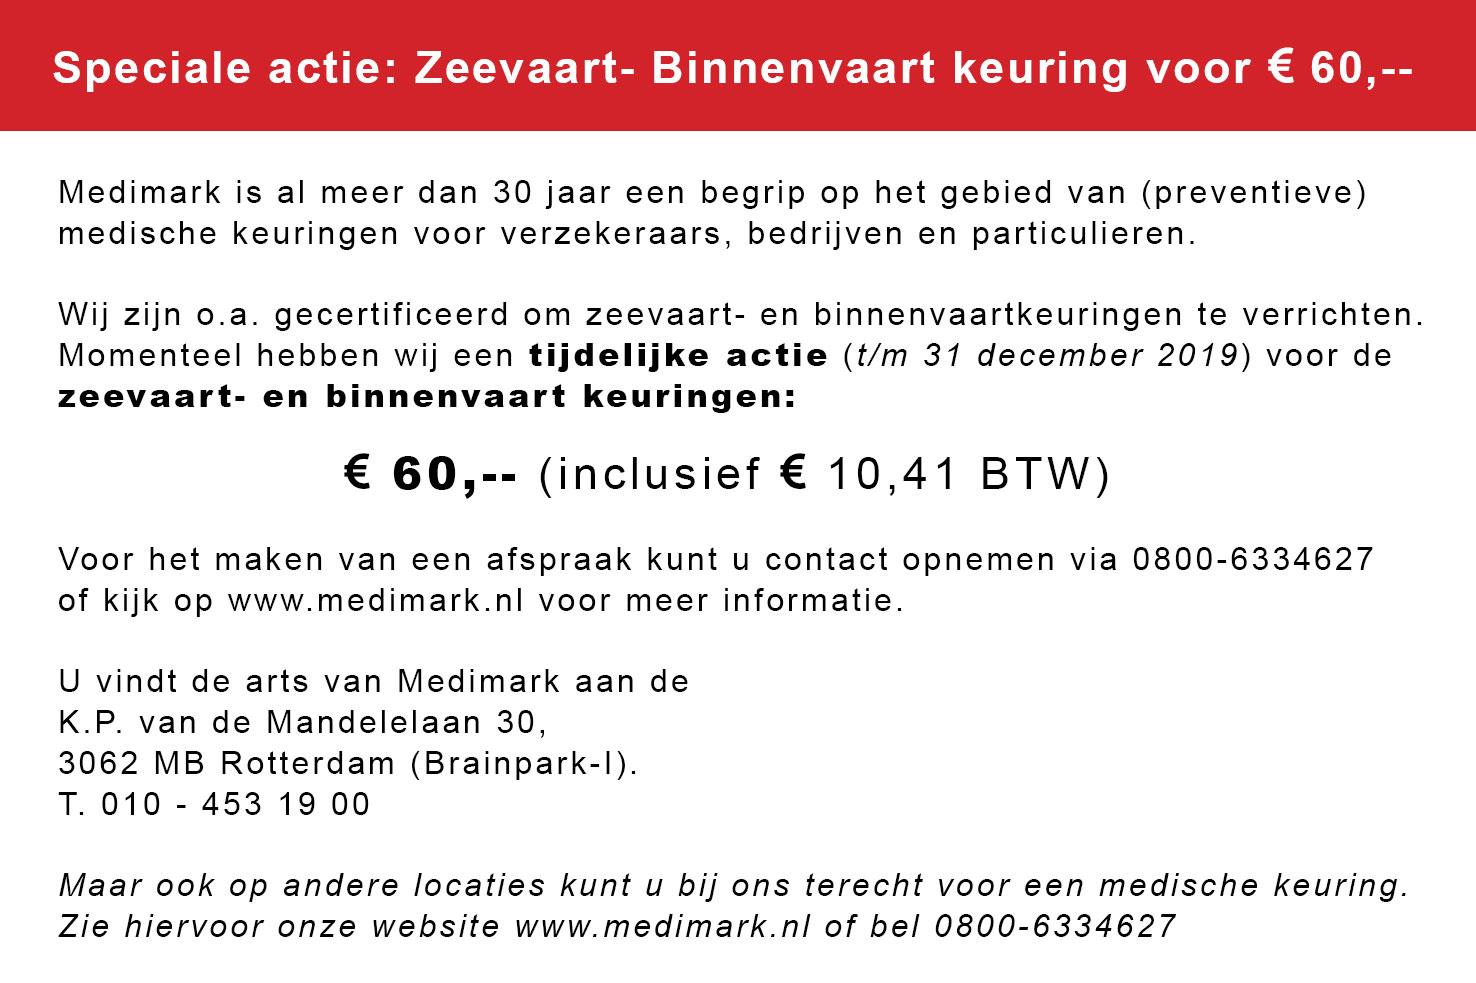 advertentie-zeevaart-binnenvaart-website-mm-v2